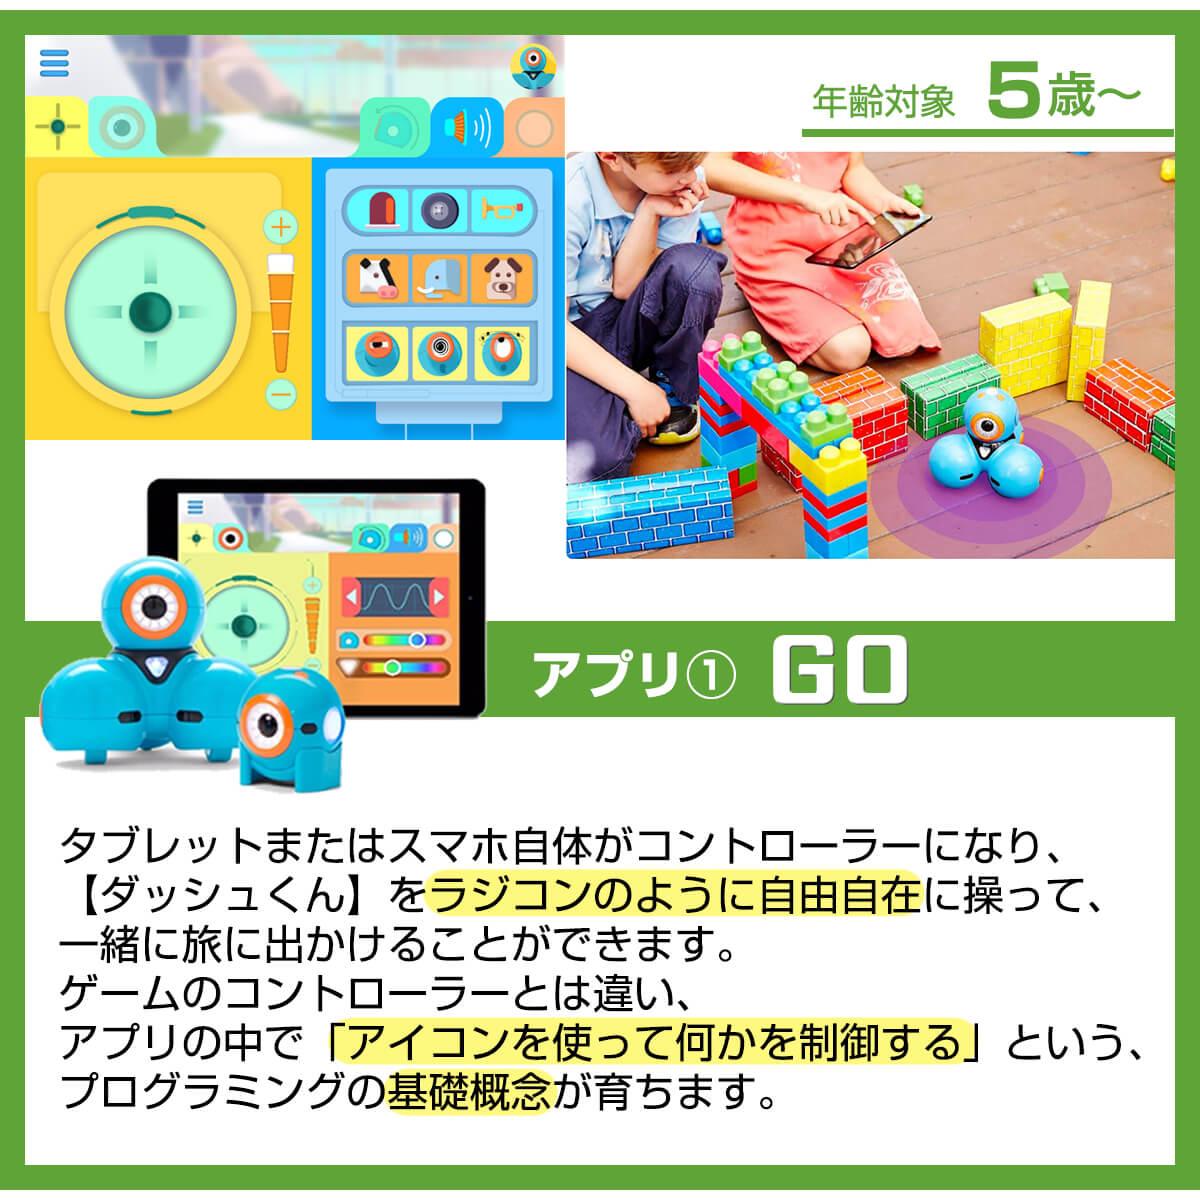 ダッシュくん専用アプリGo